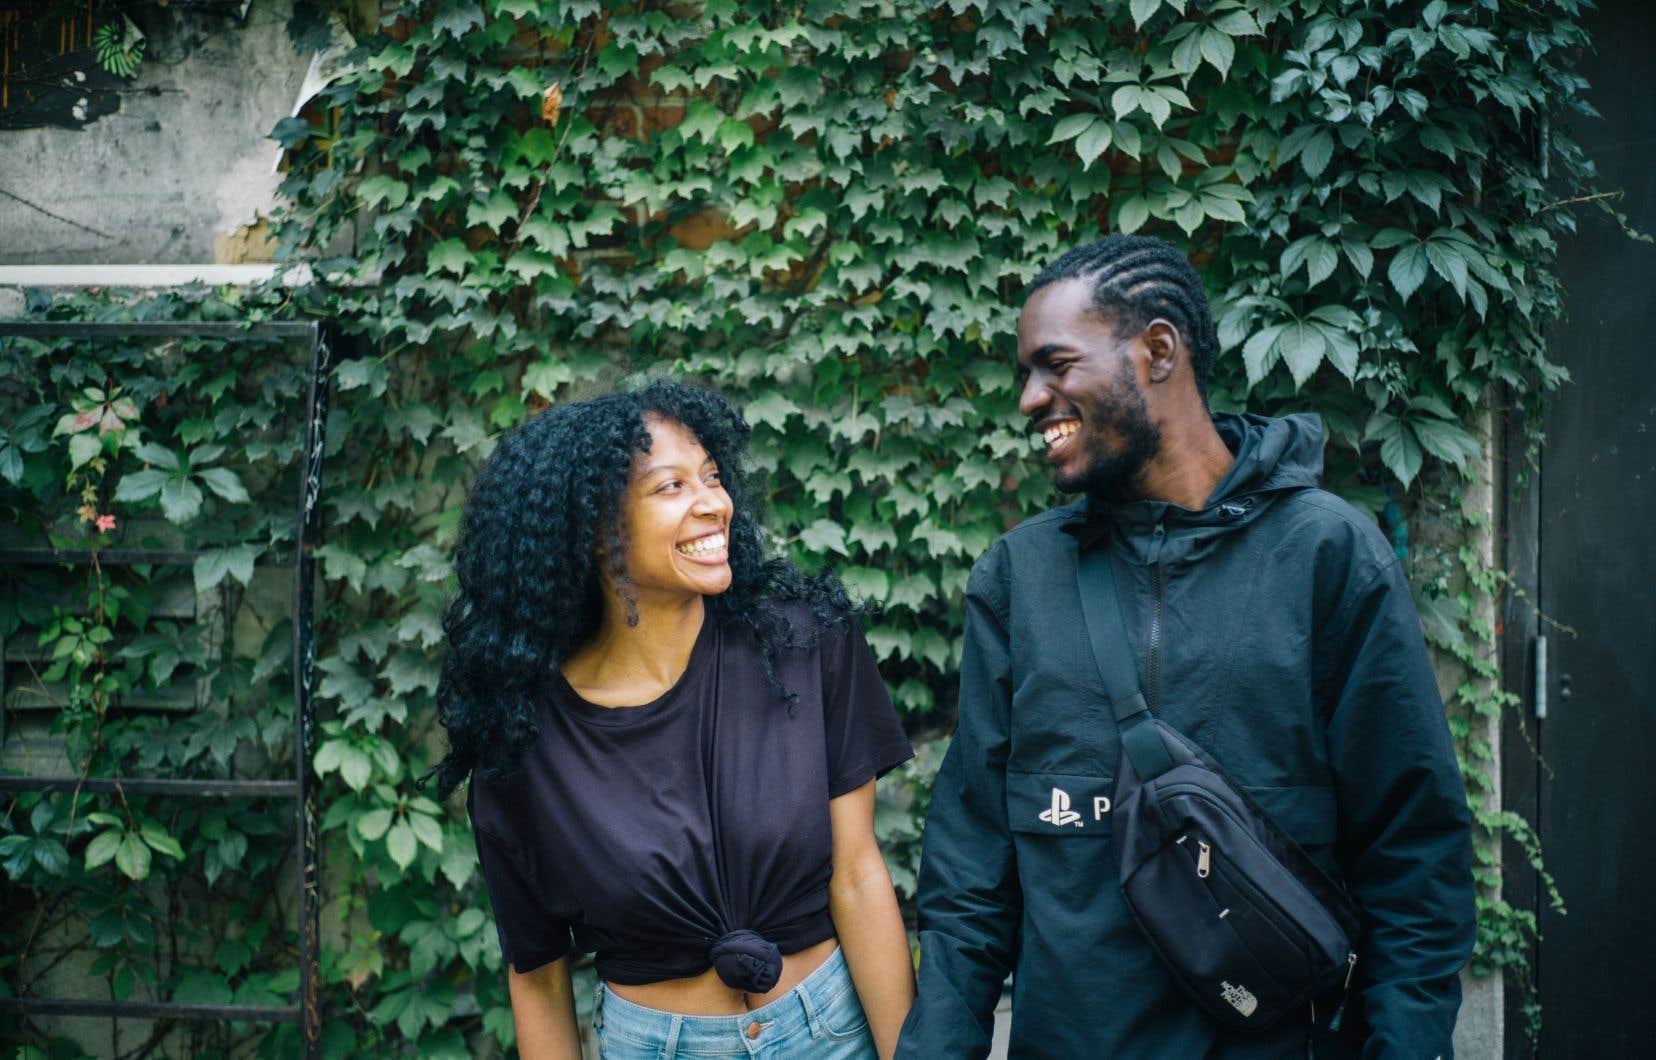 Théo Abellard et son épouse, Marie-Ketely Abellard, se produiront au Festival international de jazz de Montréal.